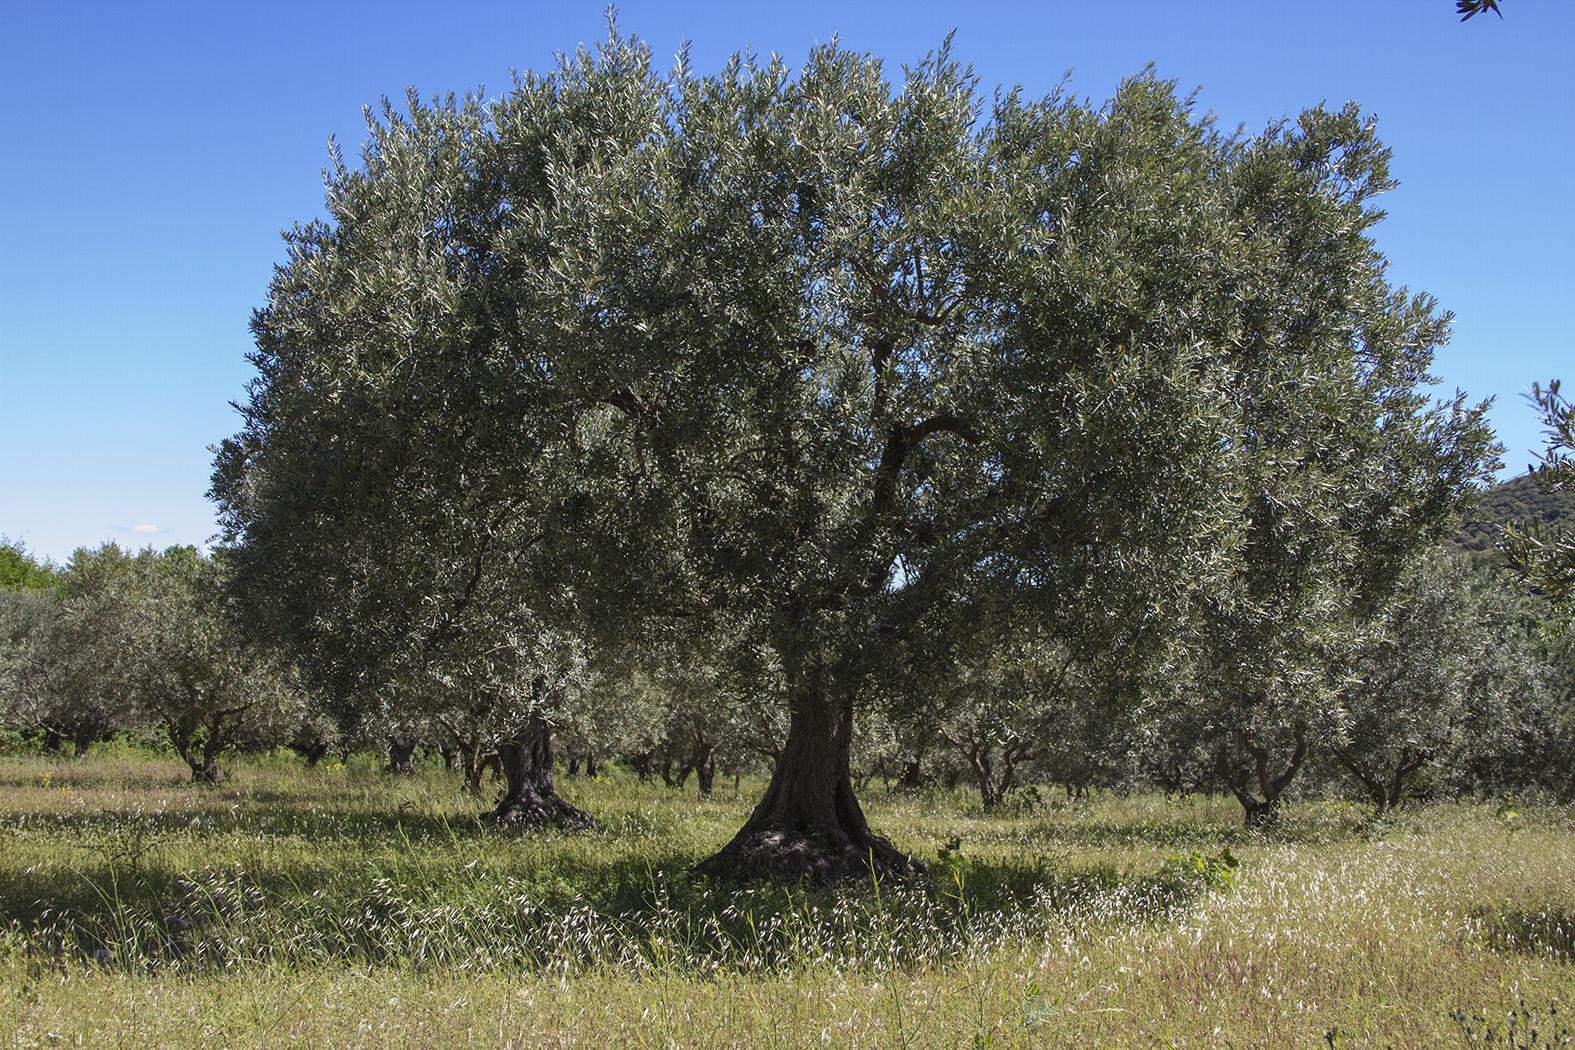 Il Cultive L Olivier l'huile d'olive, fleuron discret du terroir bas-alpin - site